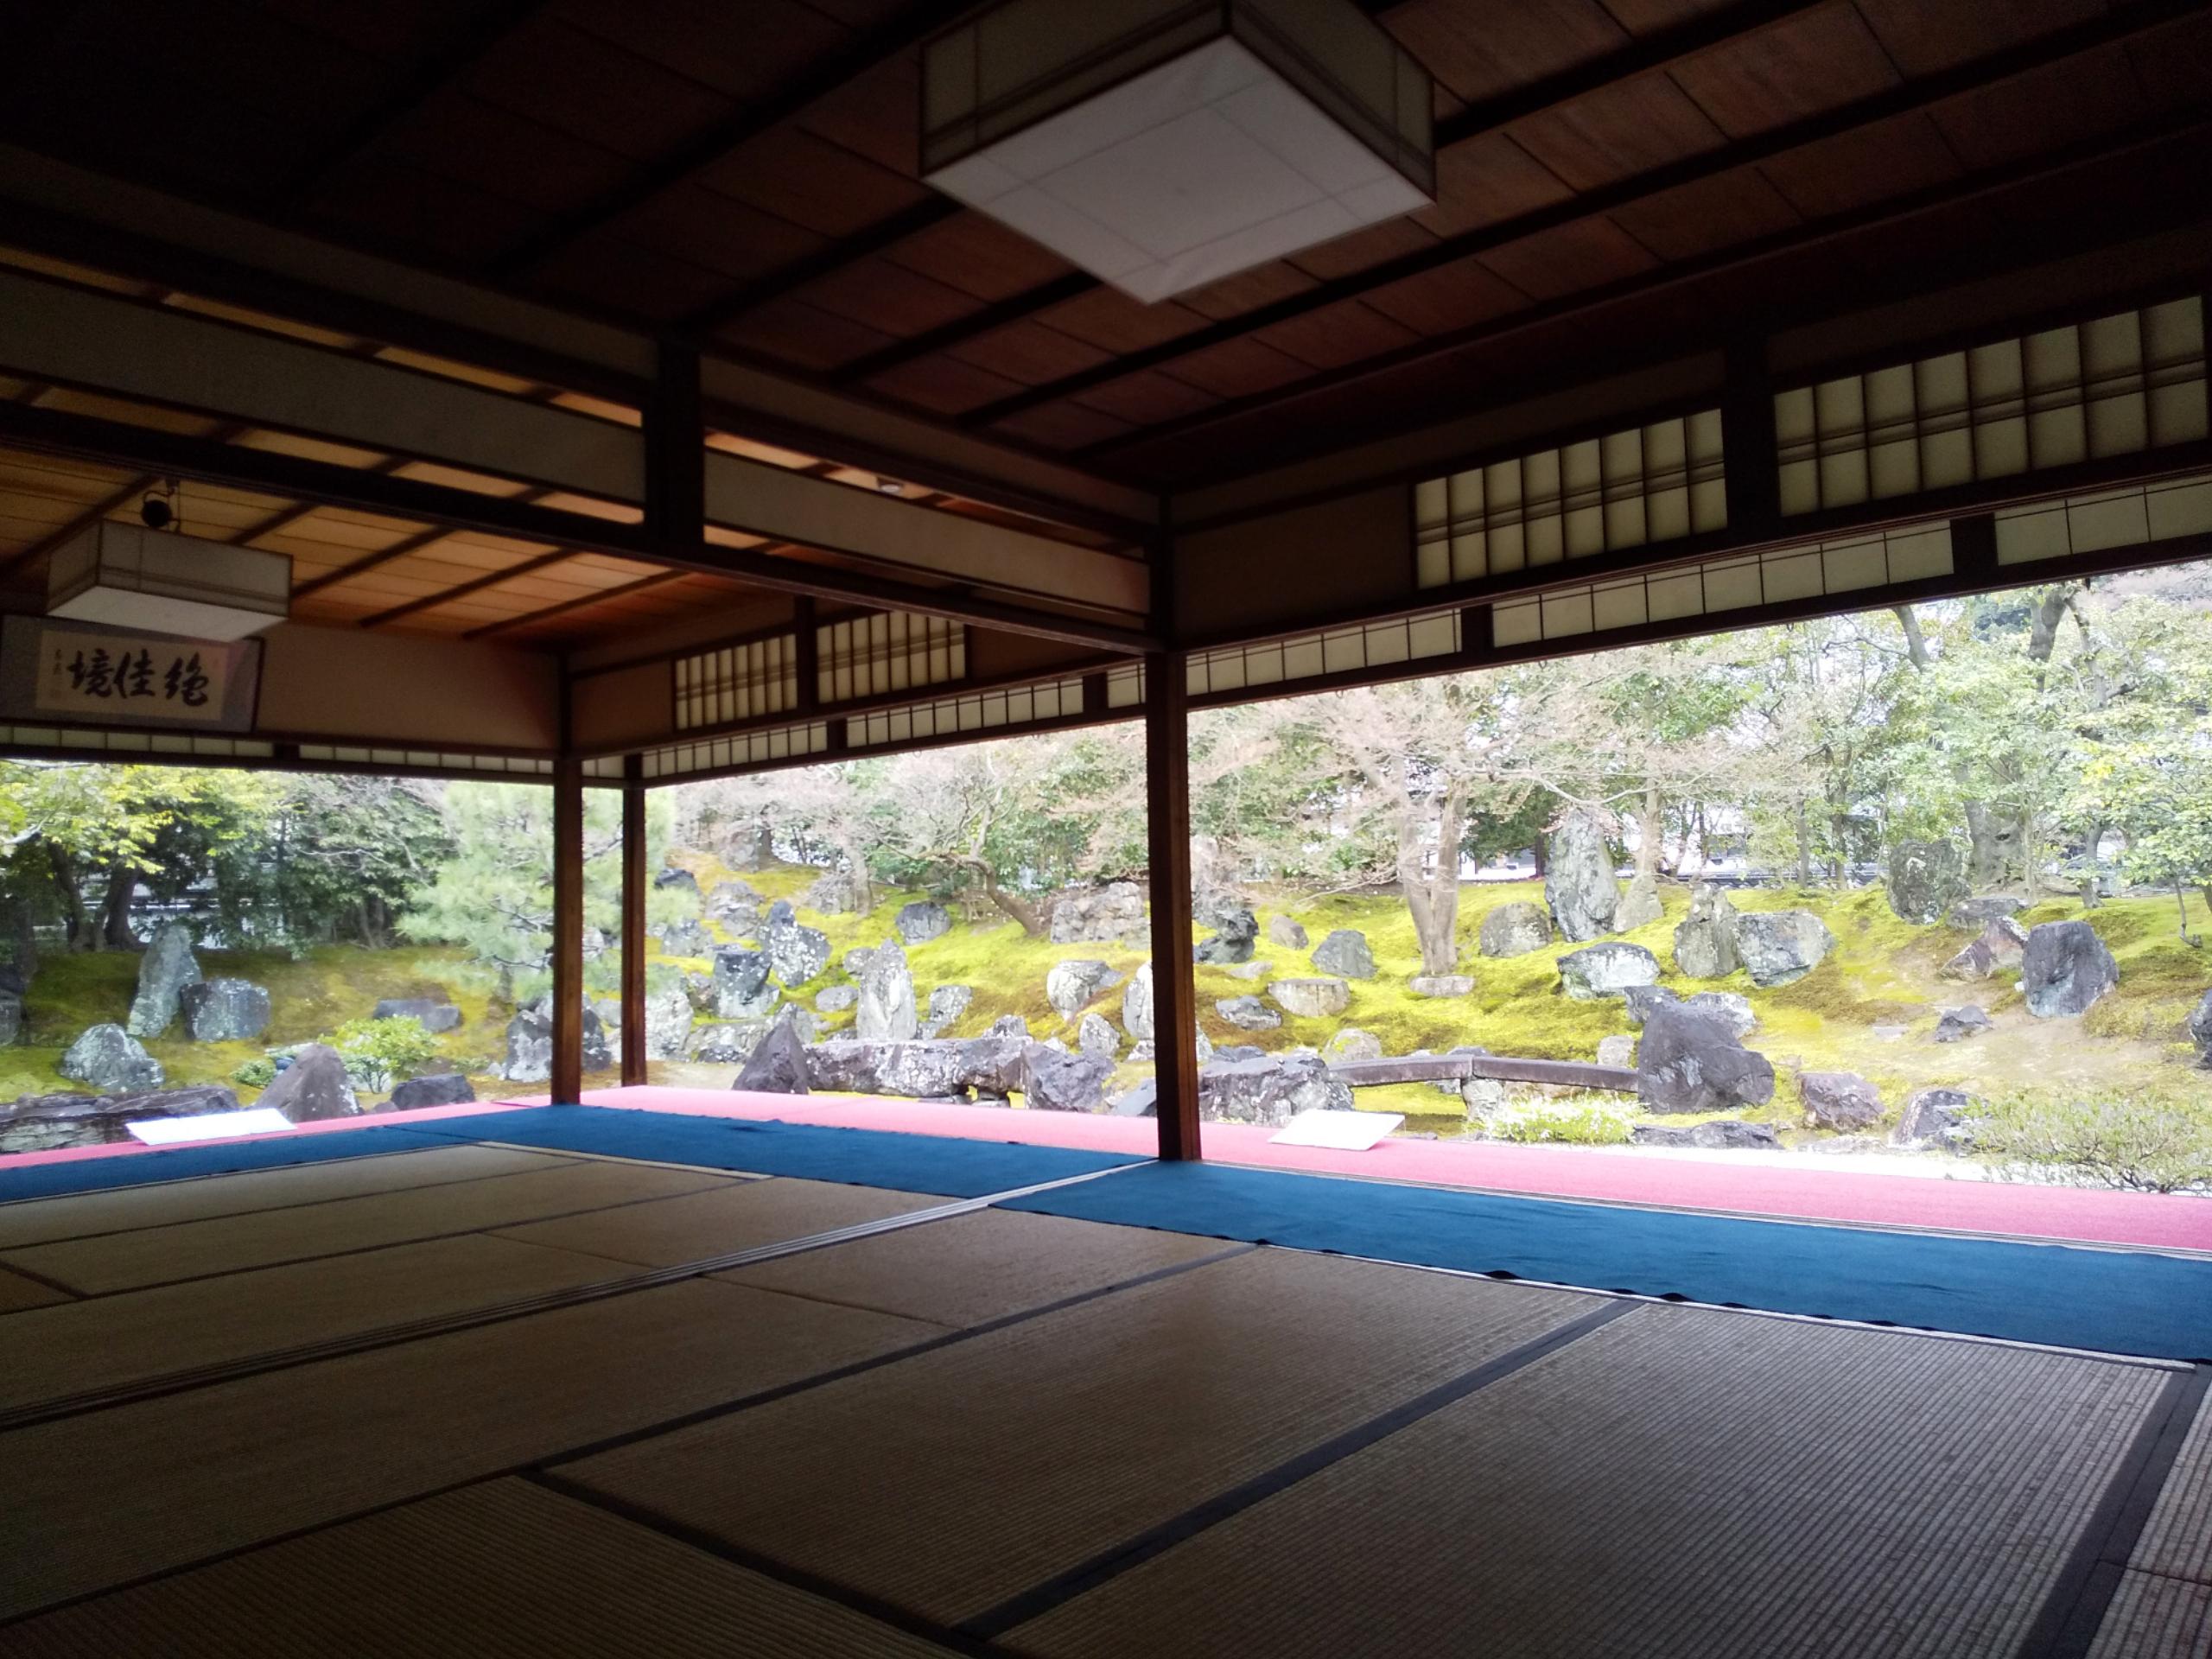 高台寺 圓徳院 1